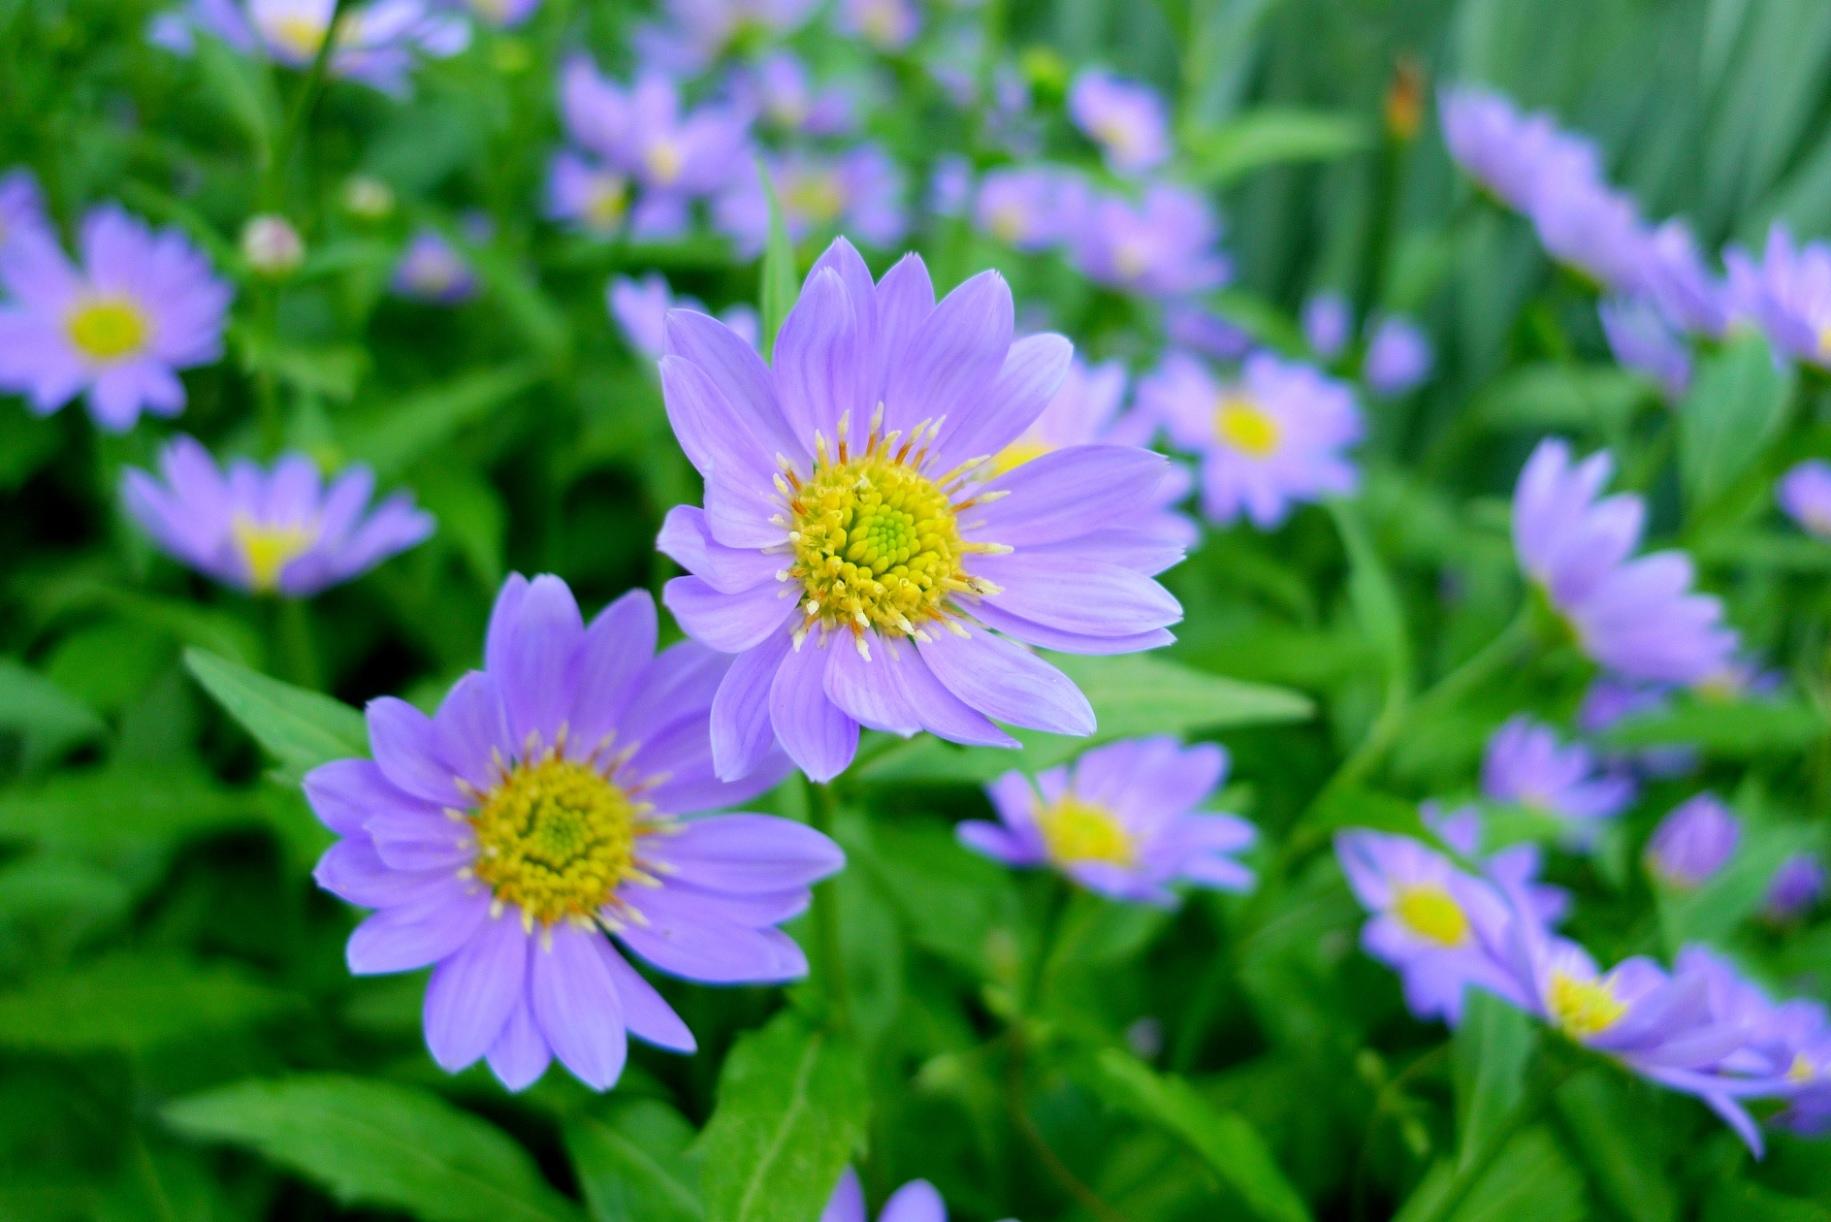 2 月 誕生 花 2月の誕生花一覧 誕生日の花と誕生月の花・花言葉